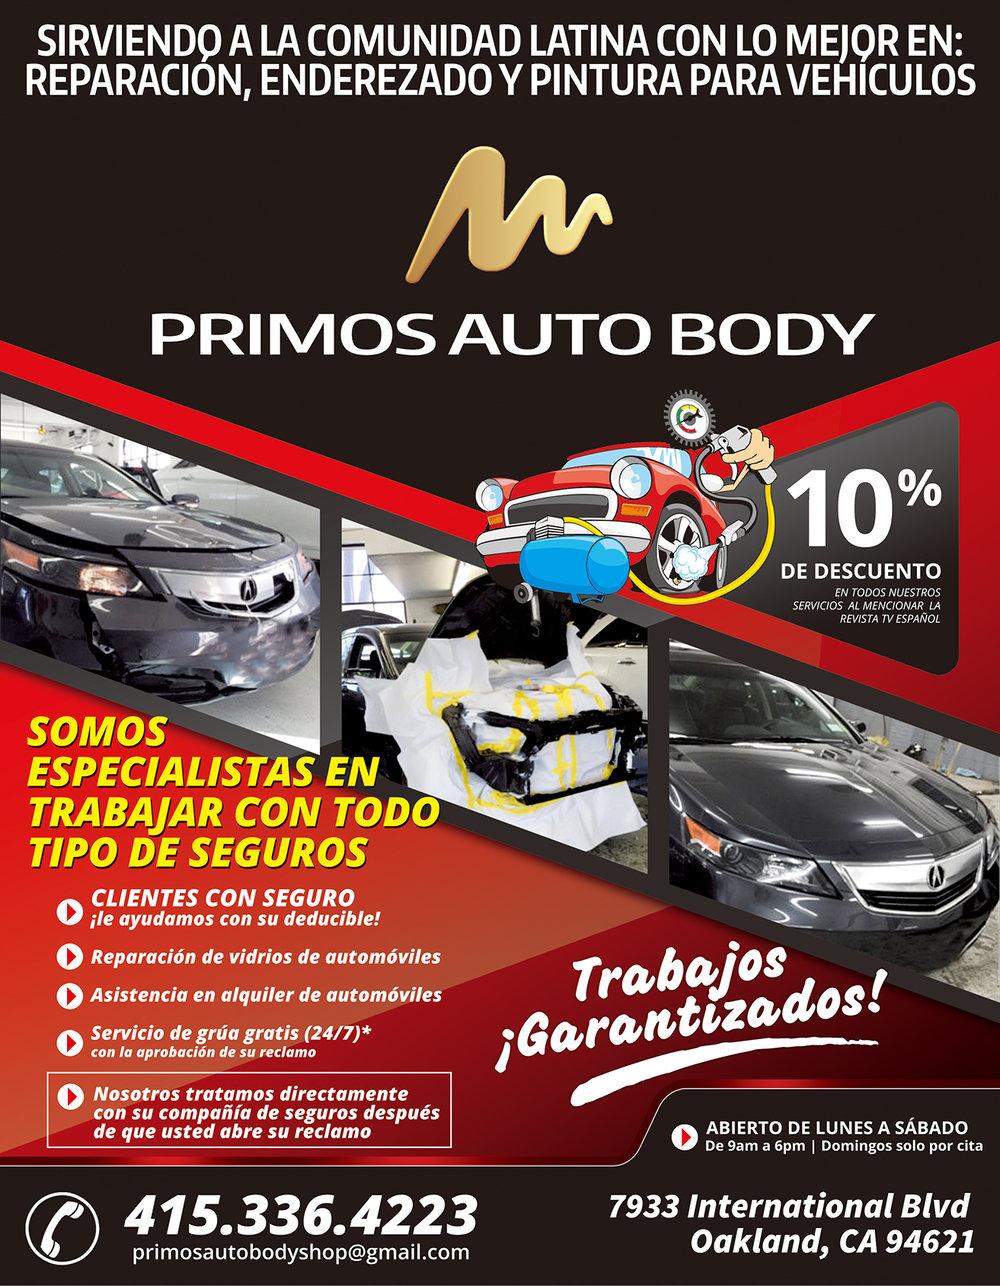 Los primos Auto Body 1 Pag MARZO 2018.jpg